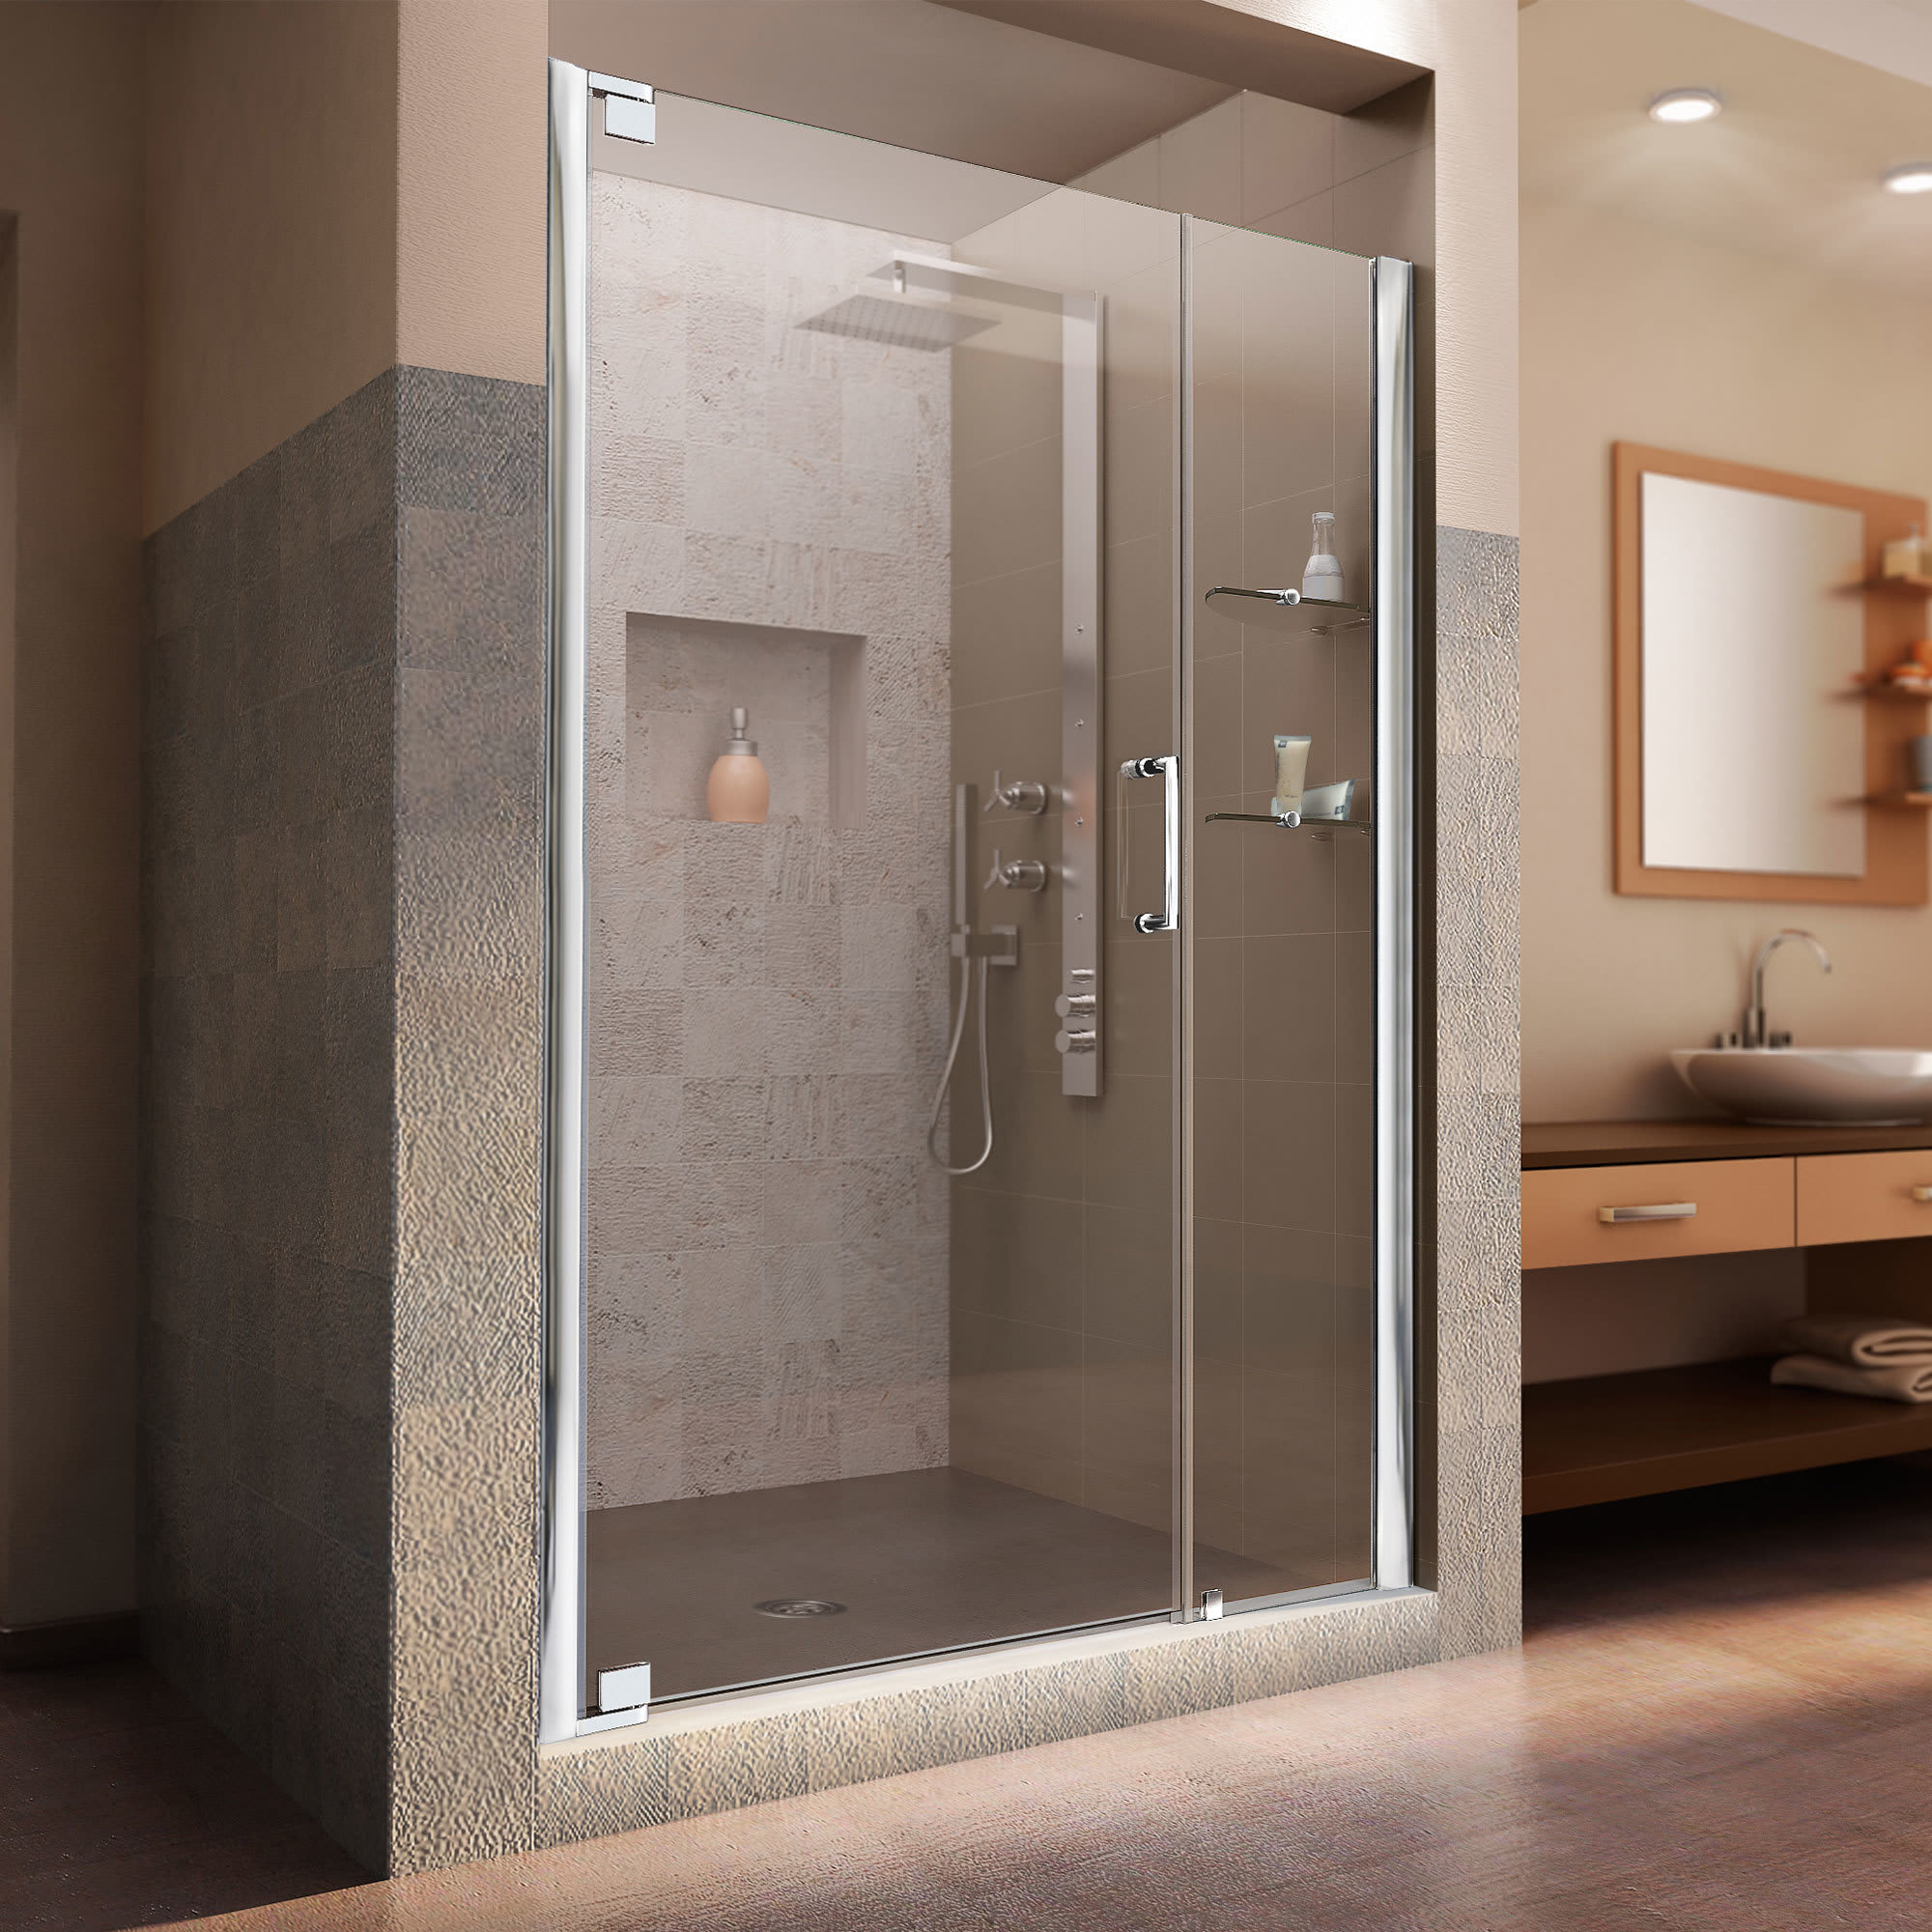 Dreamline Shdr 4152720 Elegance 52 3 4 28 3 4 Shower Door With 24 Stationary Panel And Shelves